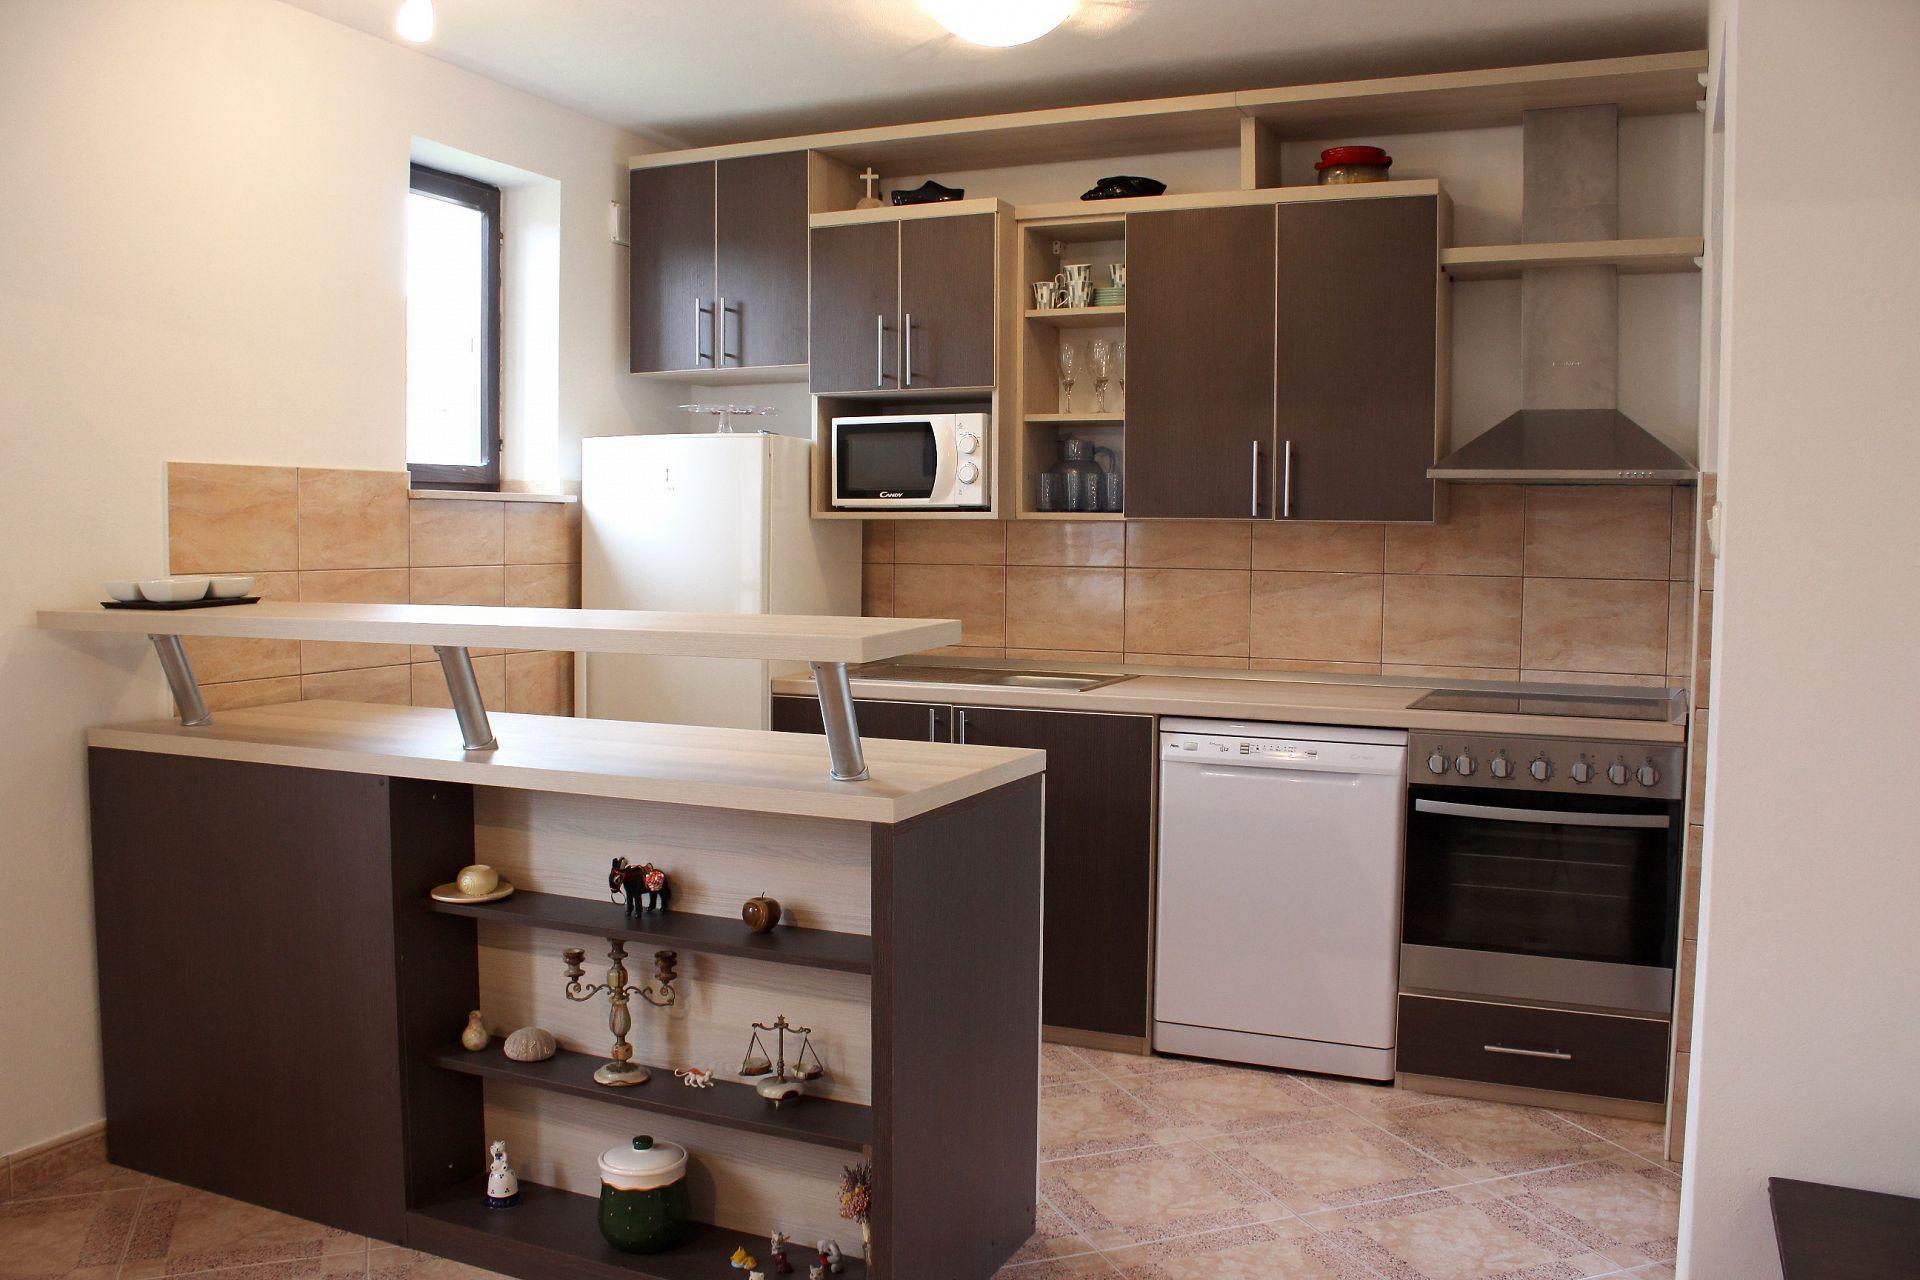 35506 - Mirca - Appartamenti Croazia - A(4+1): la cucina